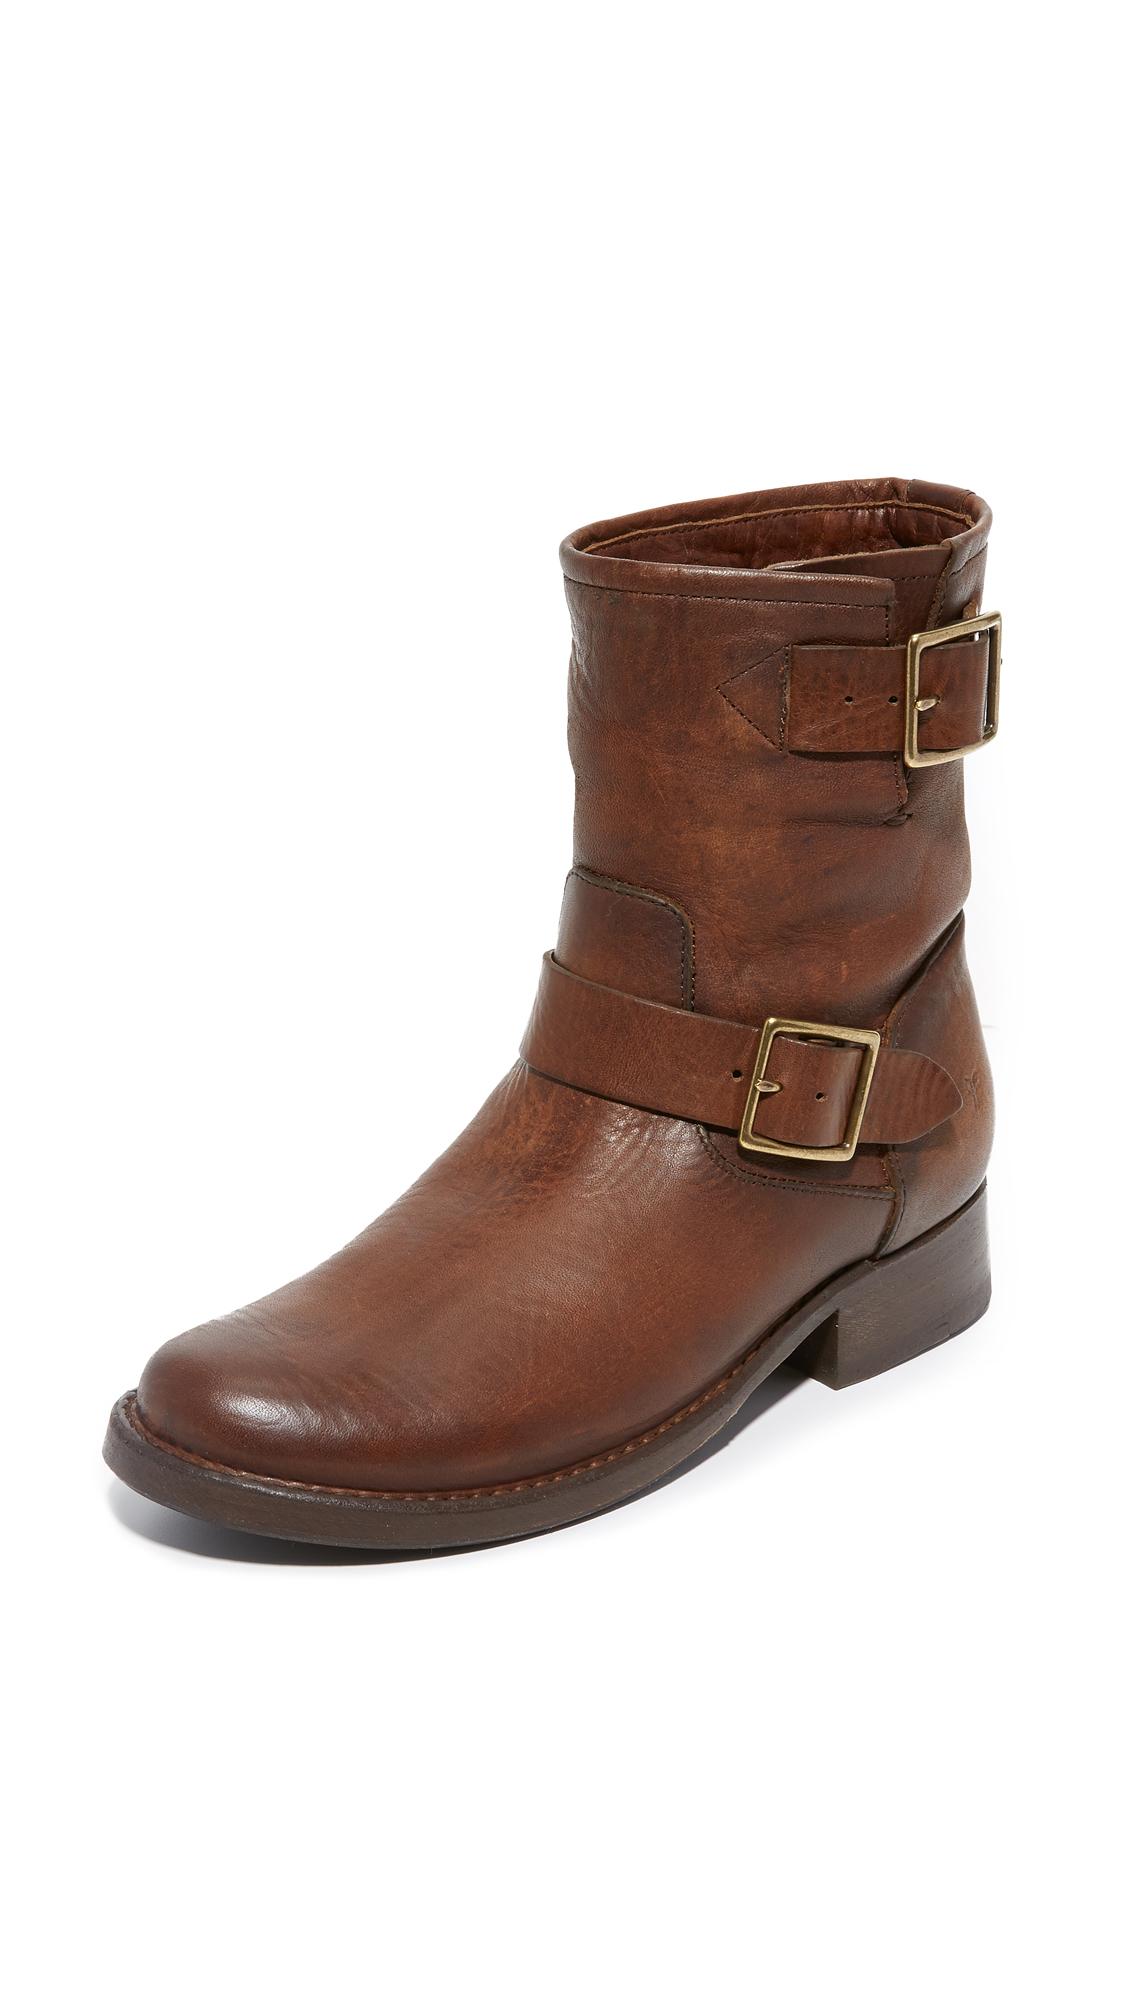 Frye Vicky Engineer Boots - Dark Brown